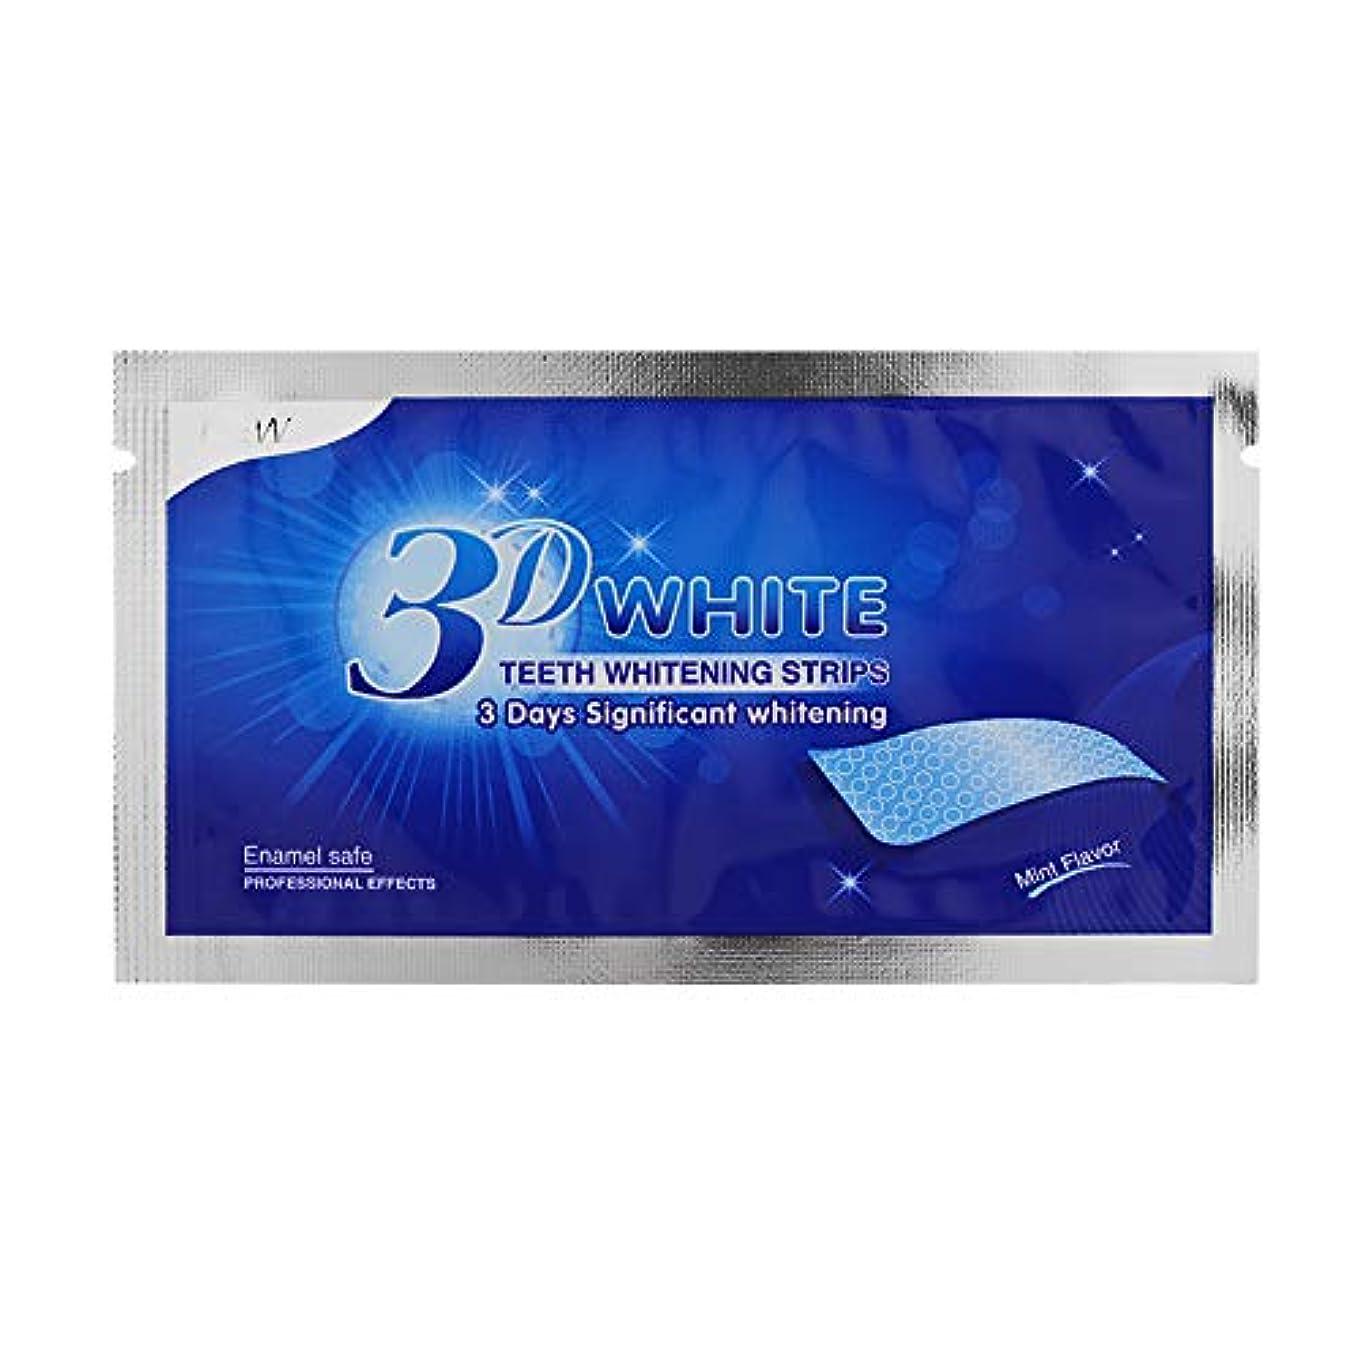 生命体アーカイブ販売員Decdeal 歯美白ホワイトニング 1ピース 歯科ホワイトニングツール ホワイトニング 歯ケア テープ